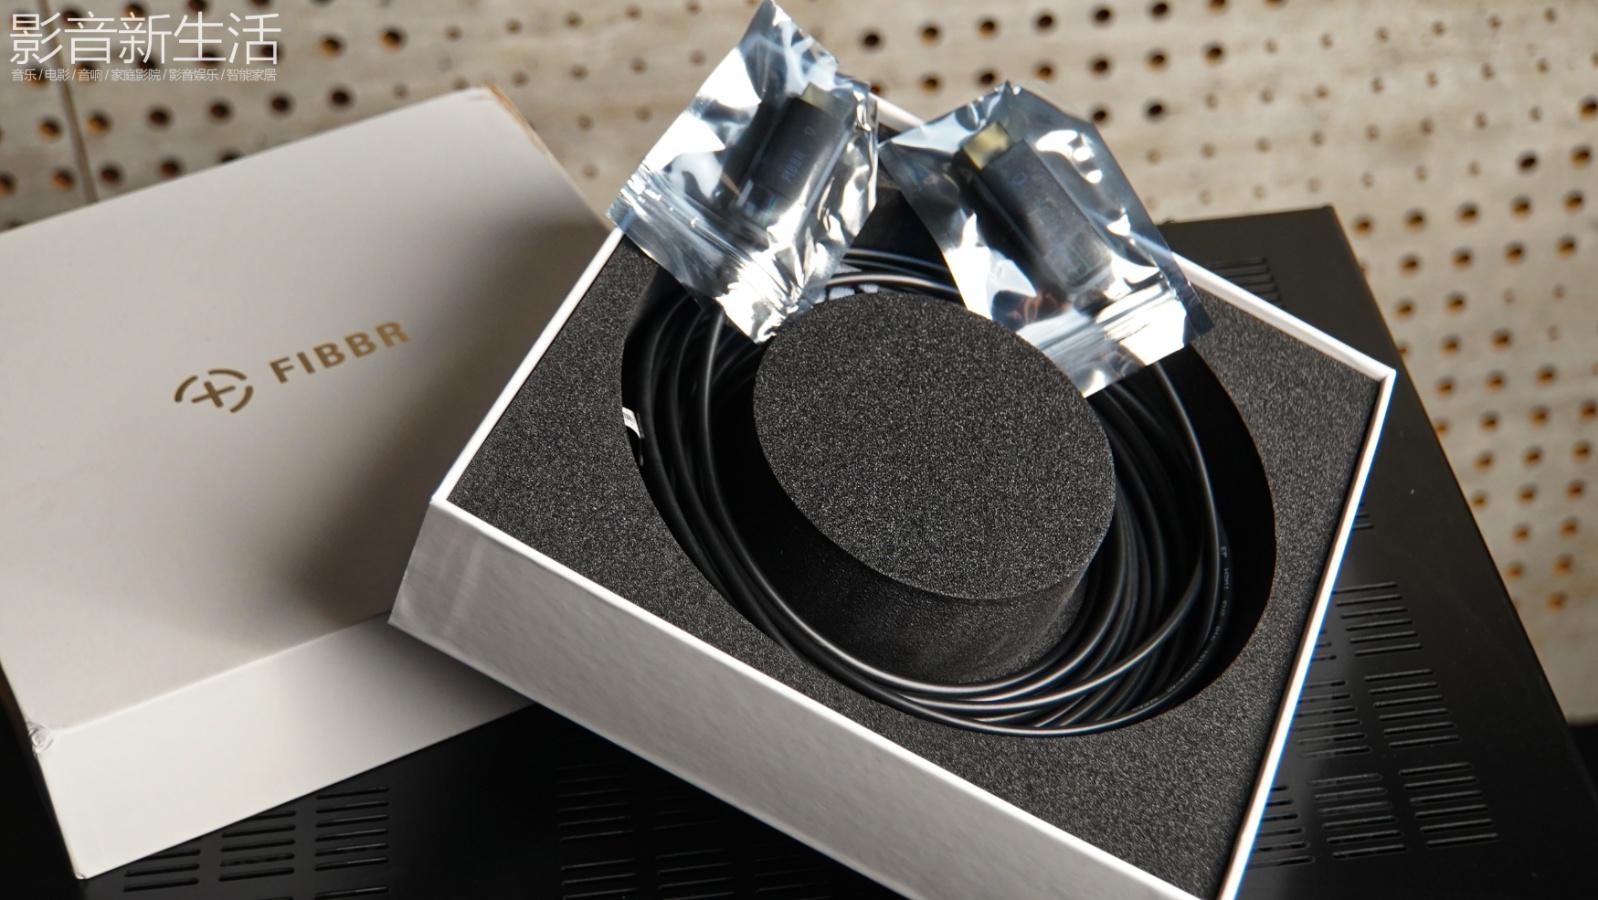 推荐 | 高品质极致家庭影院体验,由高品质影音传输决定!试用FIBBR 8K HDMI线!